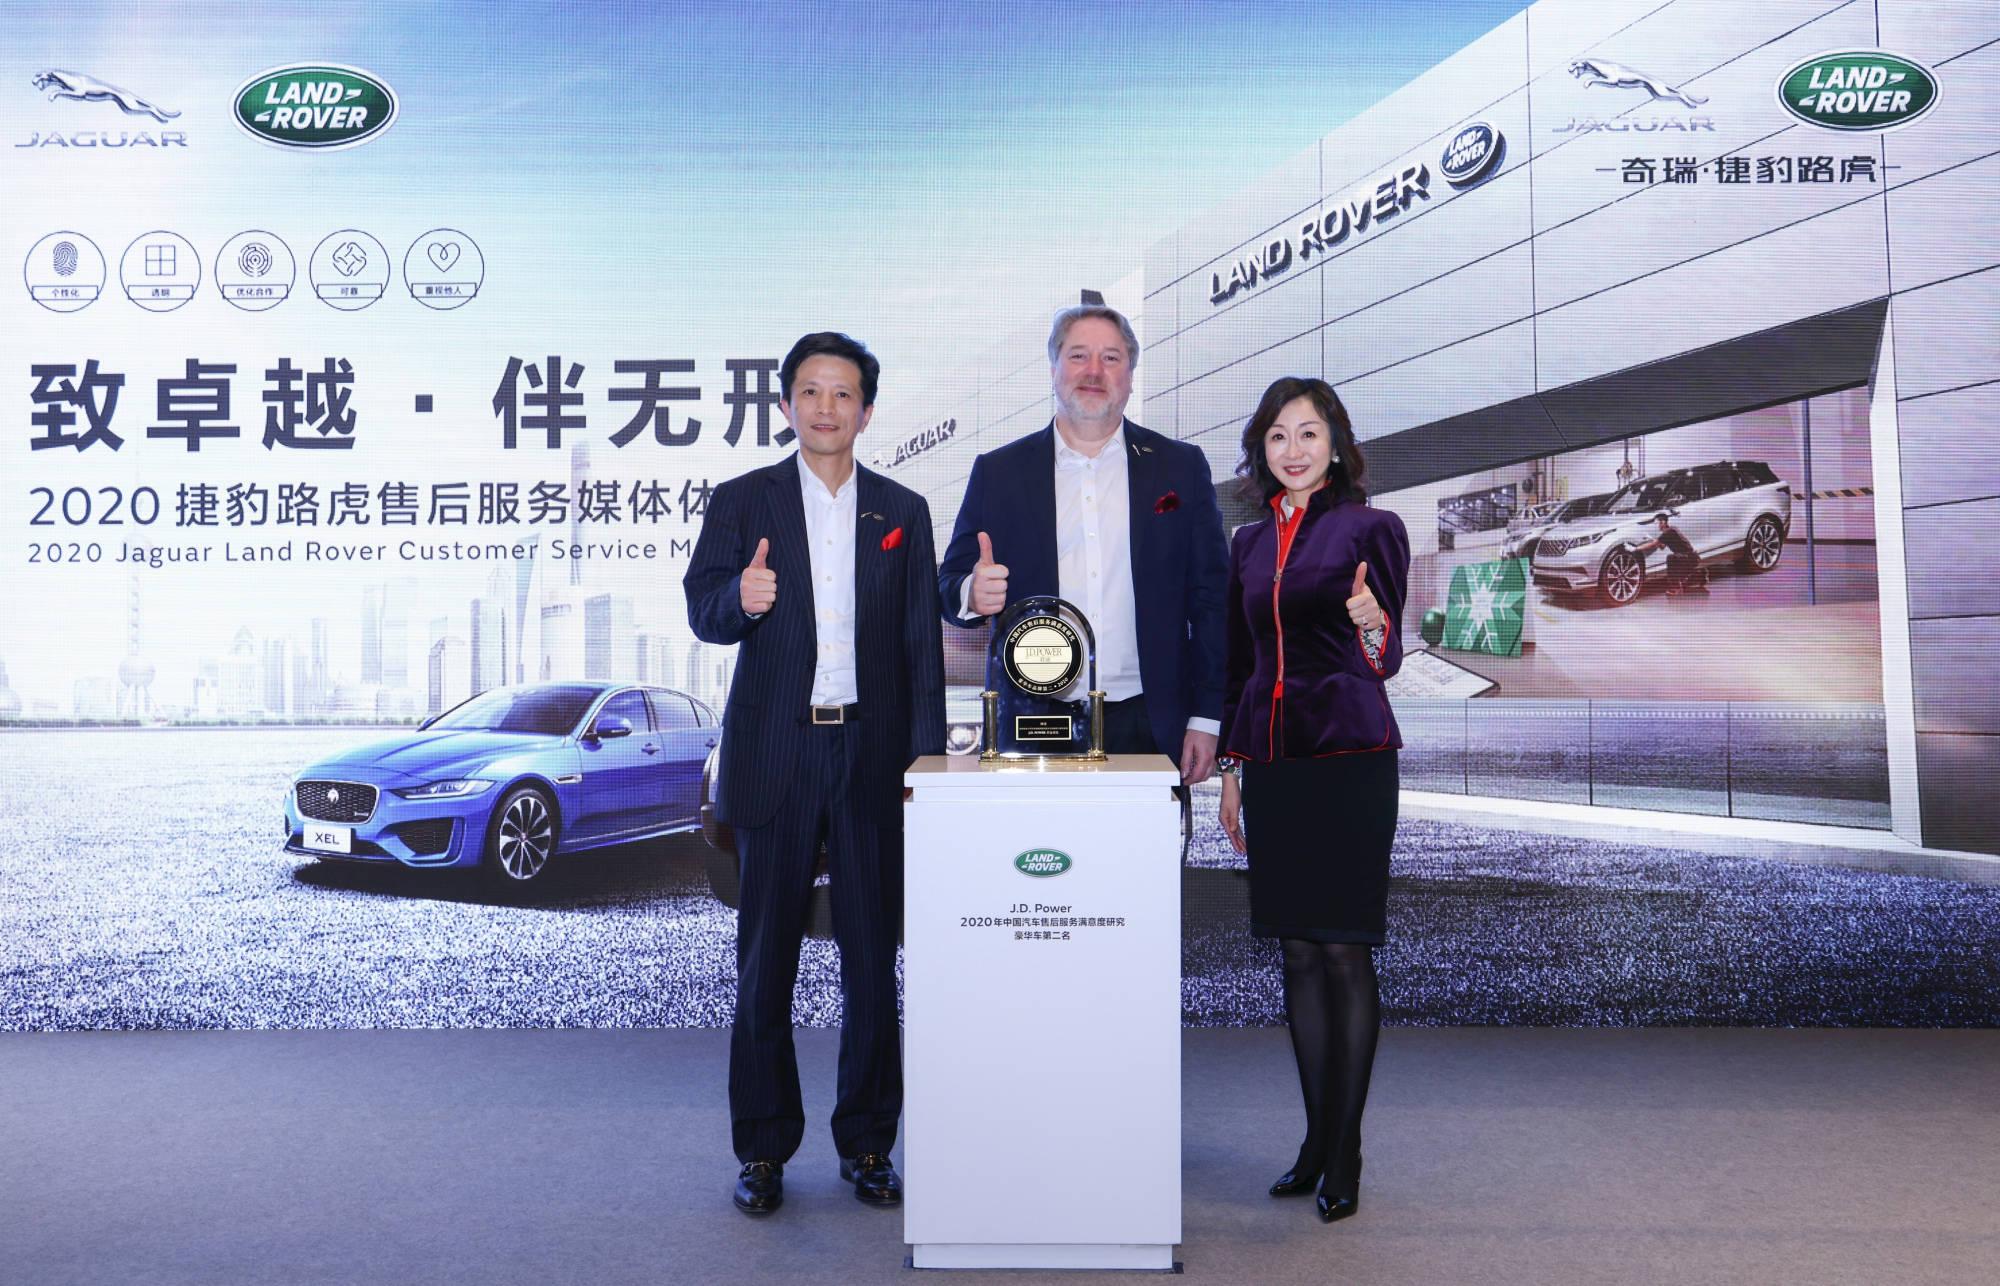 路虎品牌经过J.D. Power的售后服务满意度研究,两年来在豪车市场上获得第二名